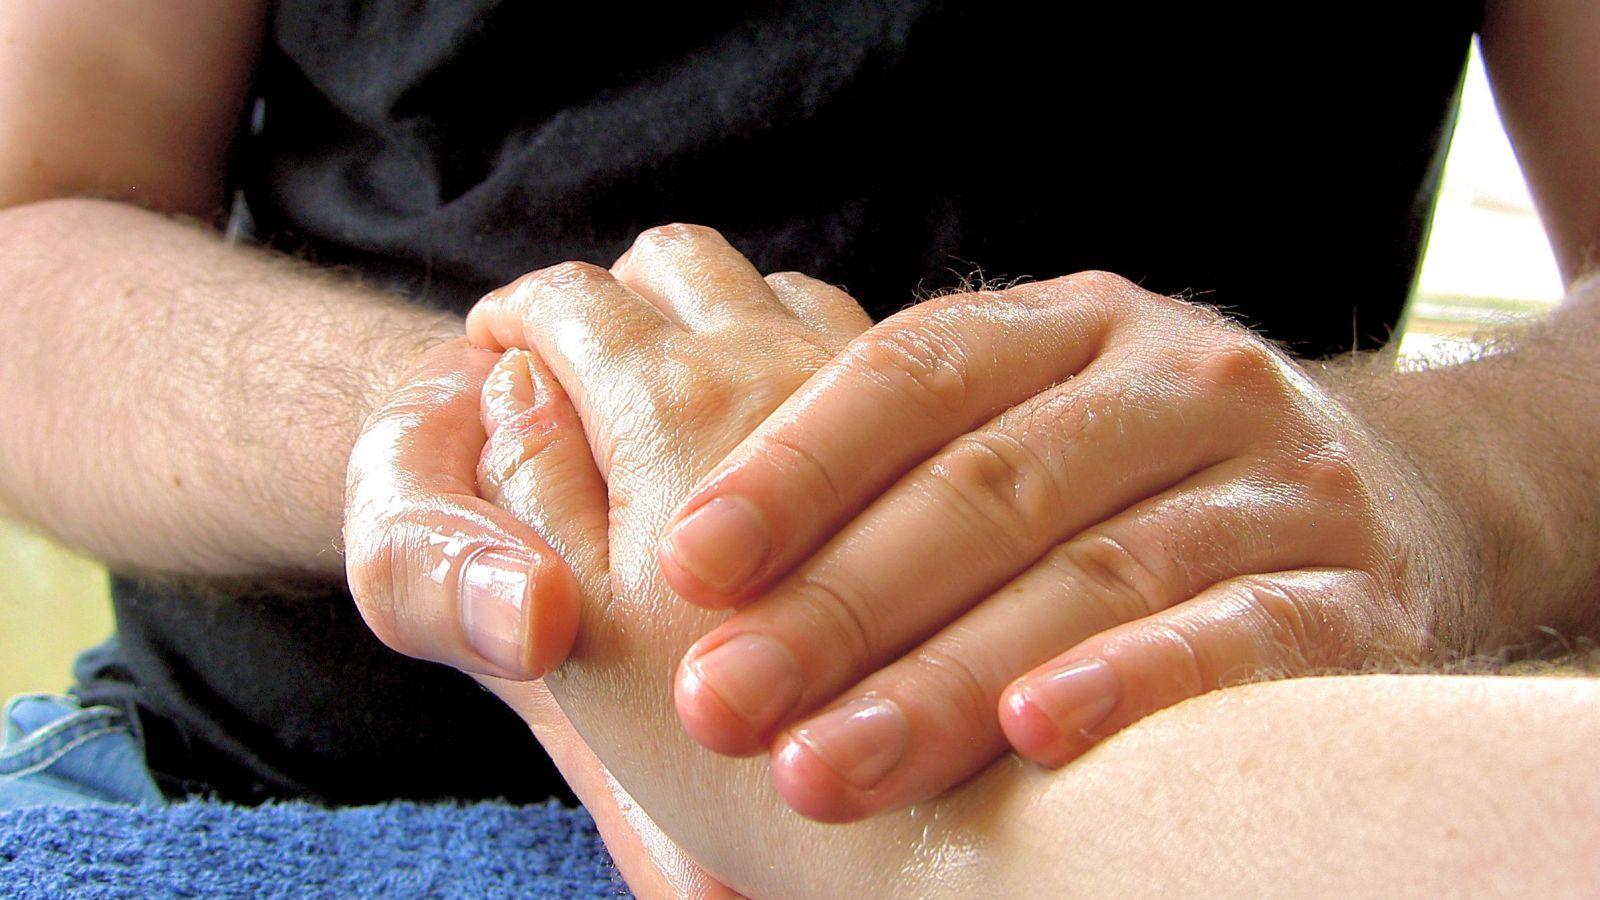 Massage kan modvirke muskelømhed efter intensiv træning.